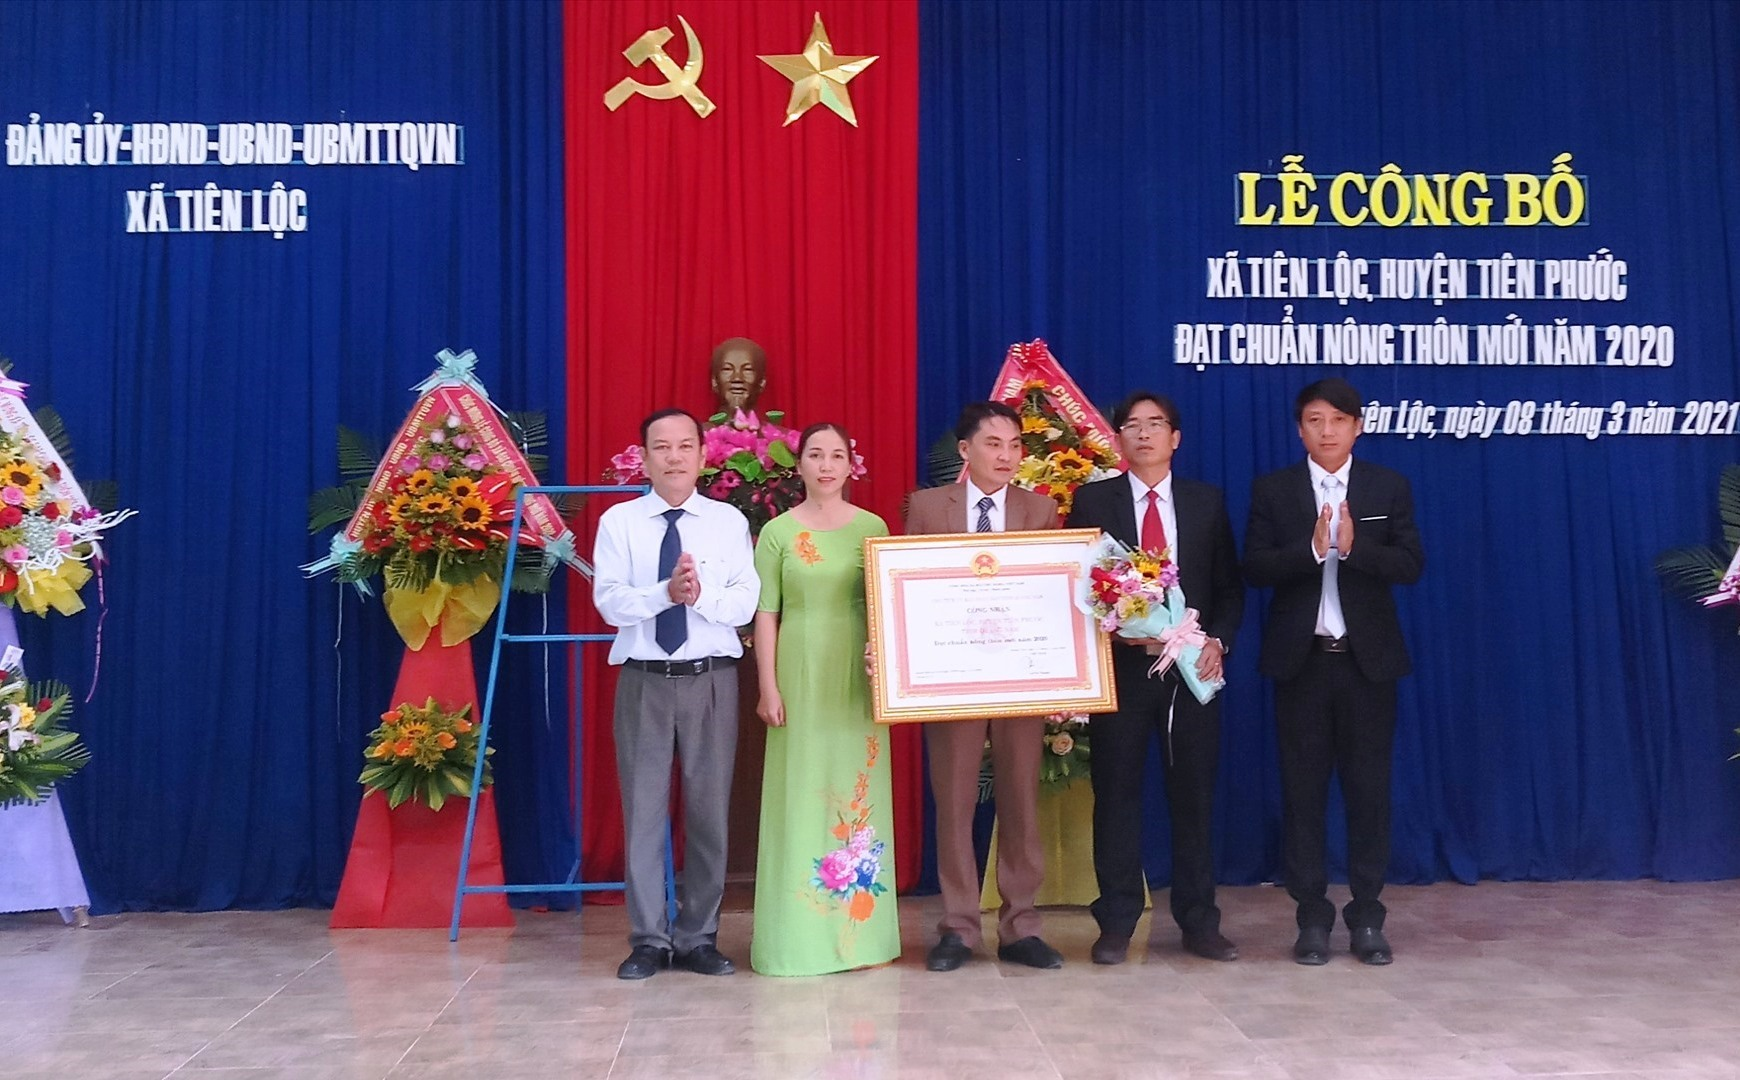 Lãnh đạo Văn phòng Điều phối NTM tỉnh, UBND huyện Tiên Phước đã trao Bằng công nhận đạt chuẩn NTM năm 2020 cho xã Tiên Lộc